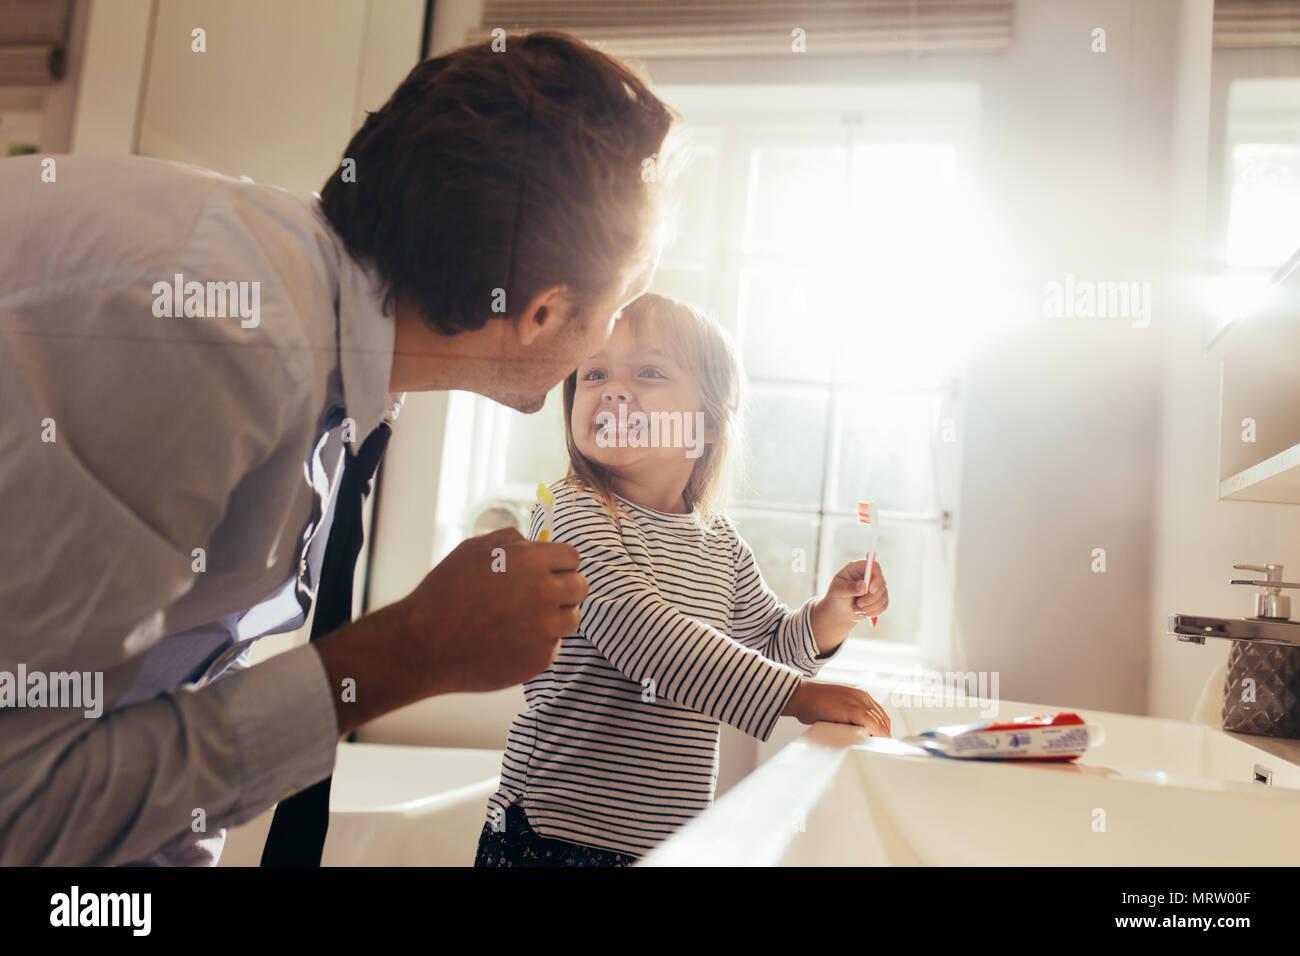 Vater und Tochter Zähneputzen im Bad stehen und einander an. Mann seine Tochter, wie die Zähne zu putzen. Stockbild